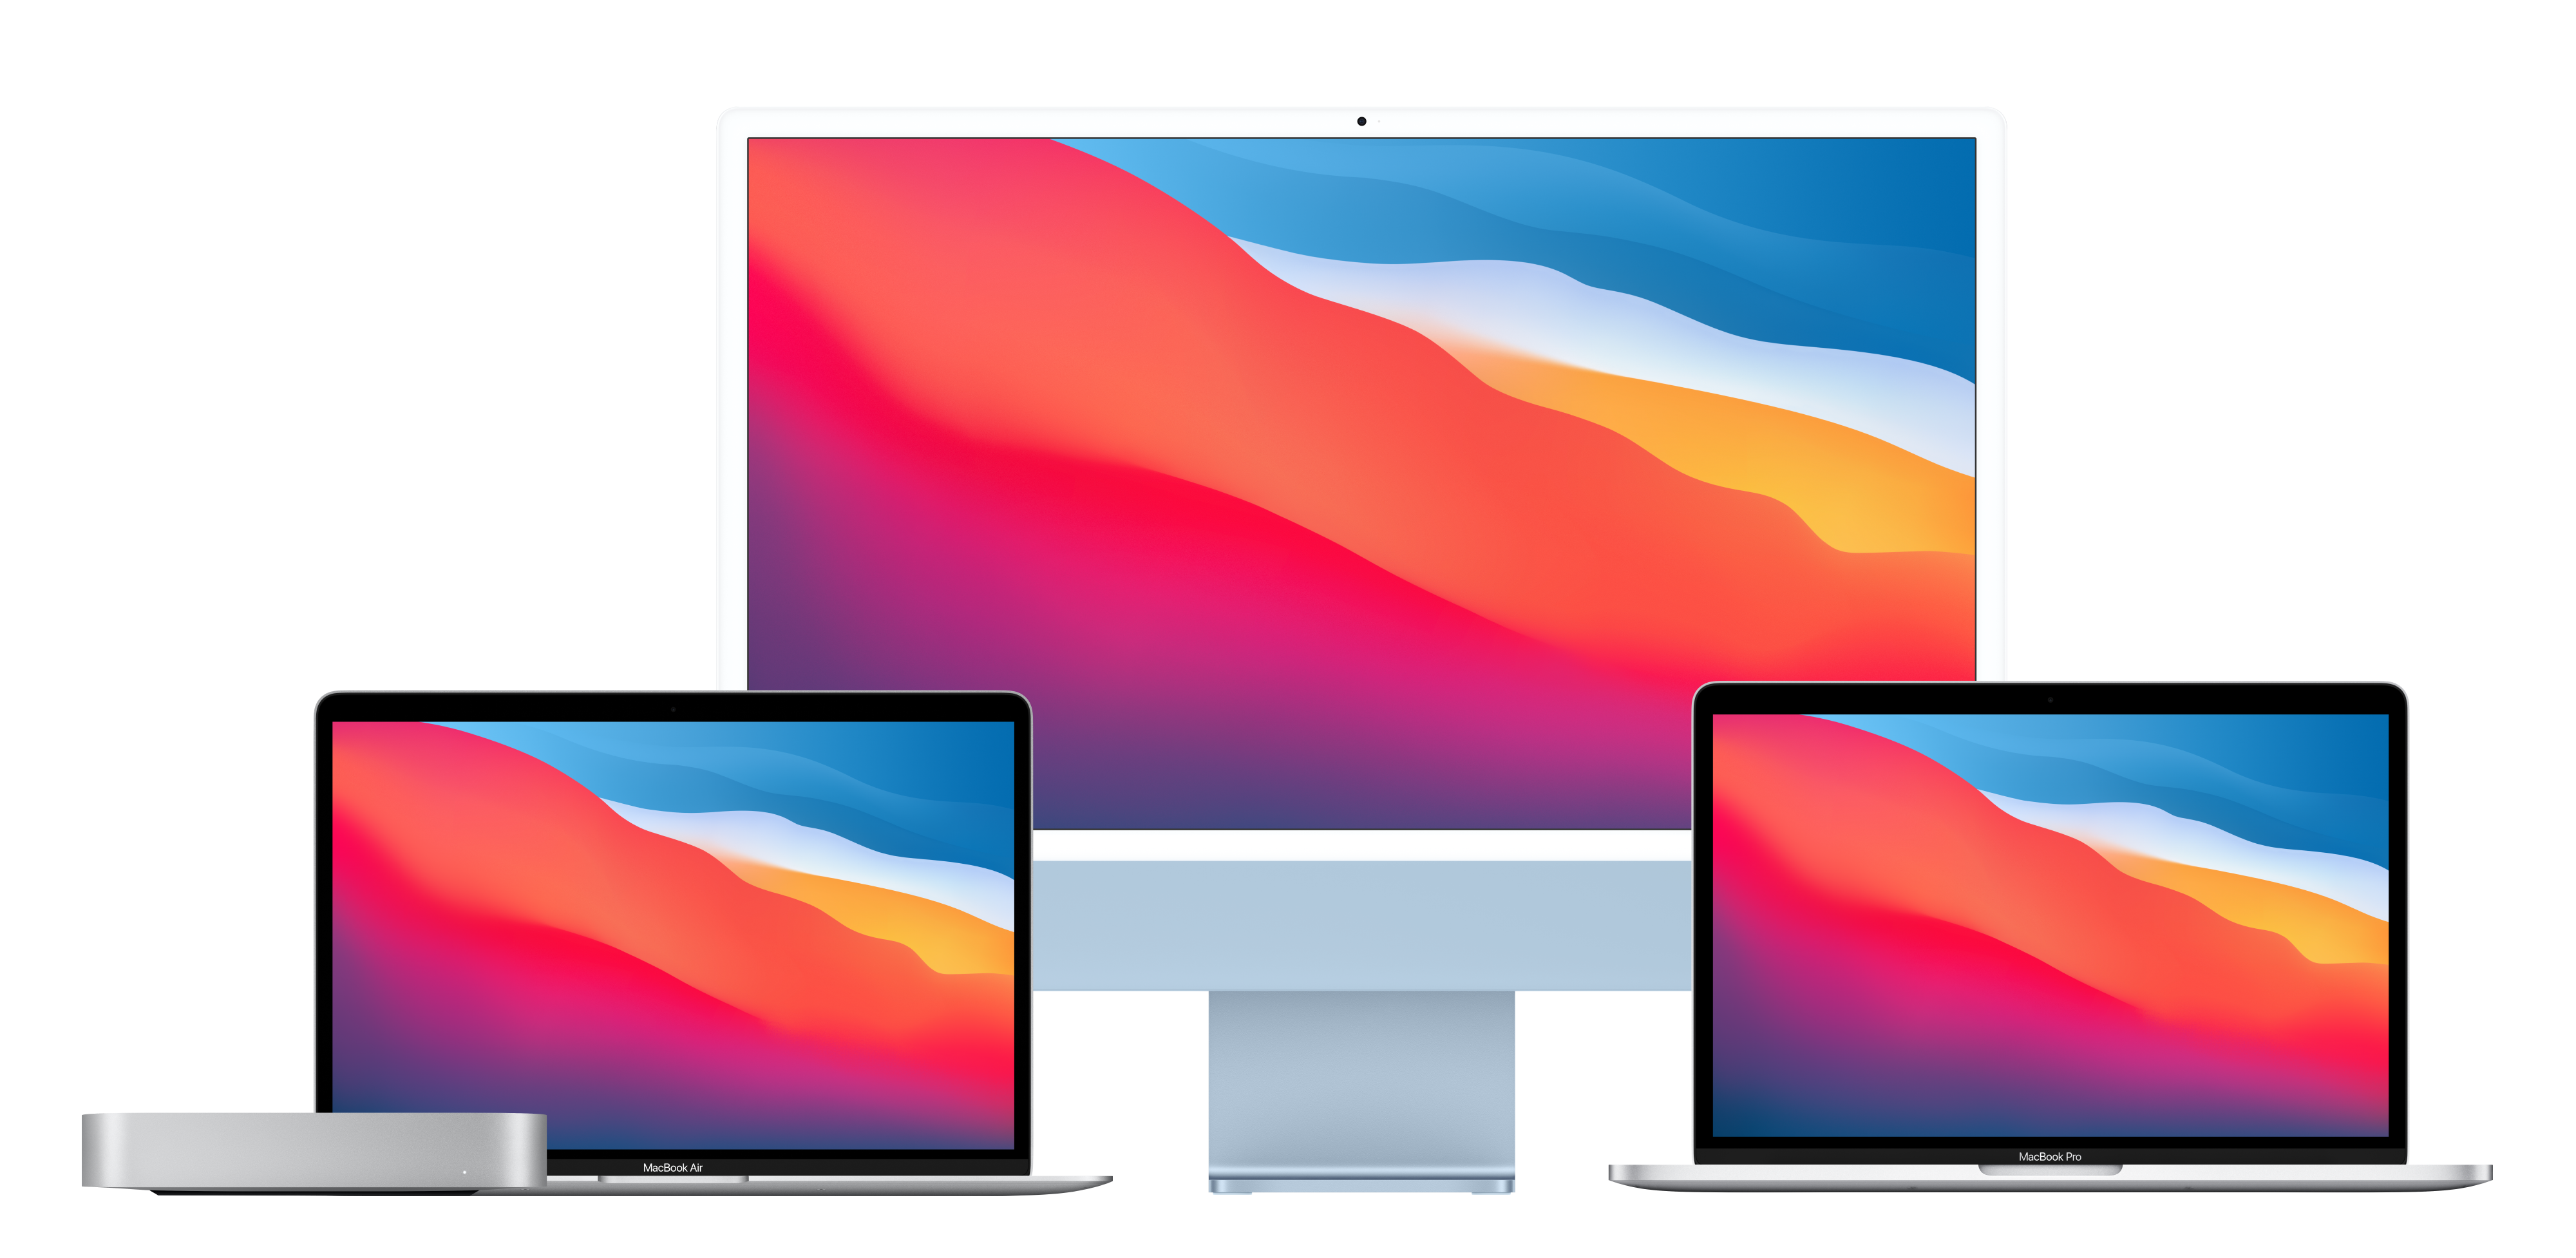 Mac mini, MacBook Pro, MacBook Air e iMac